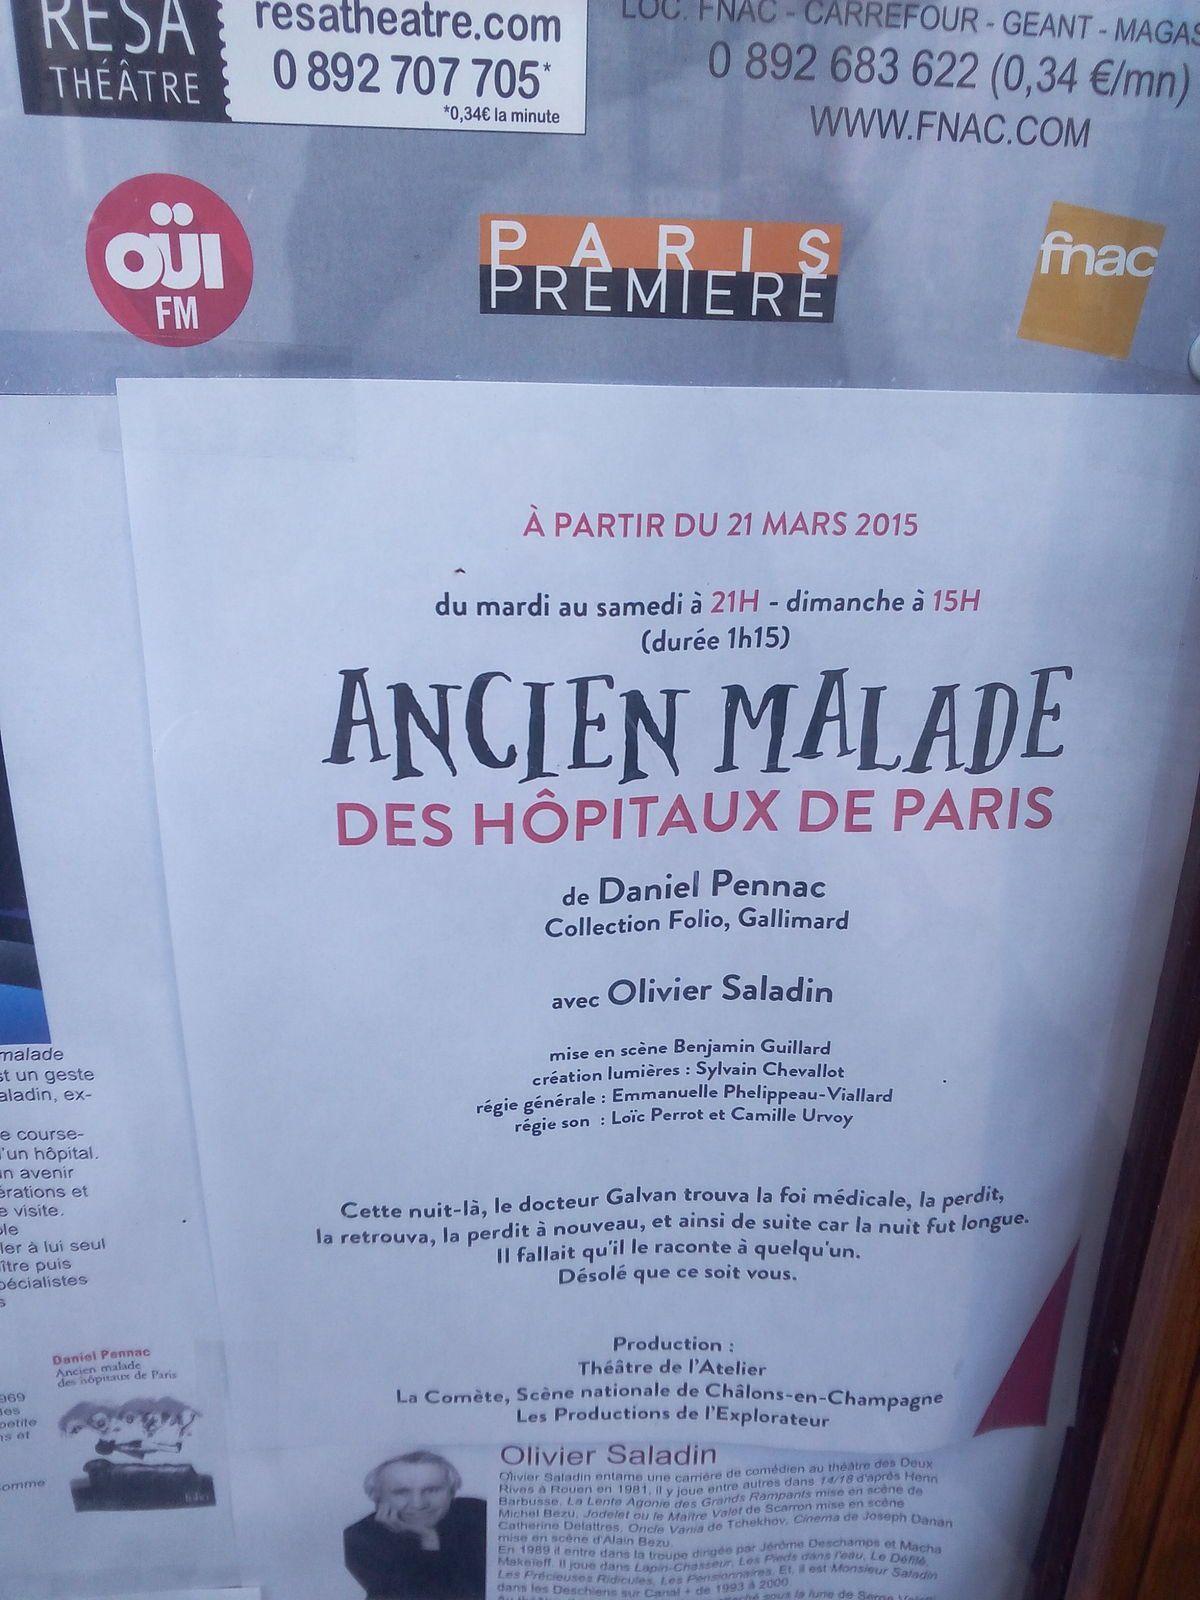 Ancien malade des hôpitaux de Paris au théâtre de l'Atelier: une pièce singulière, drôle et enthousiasmante